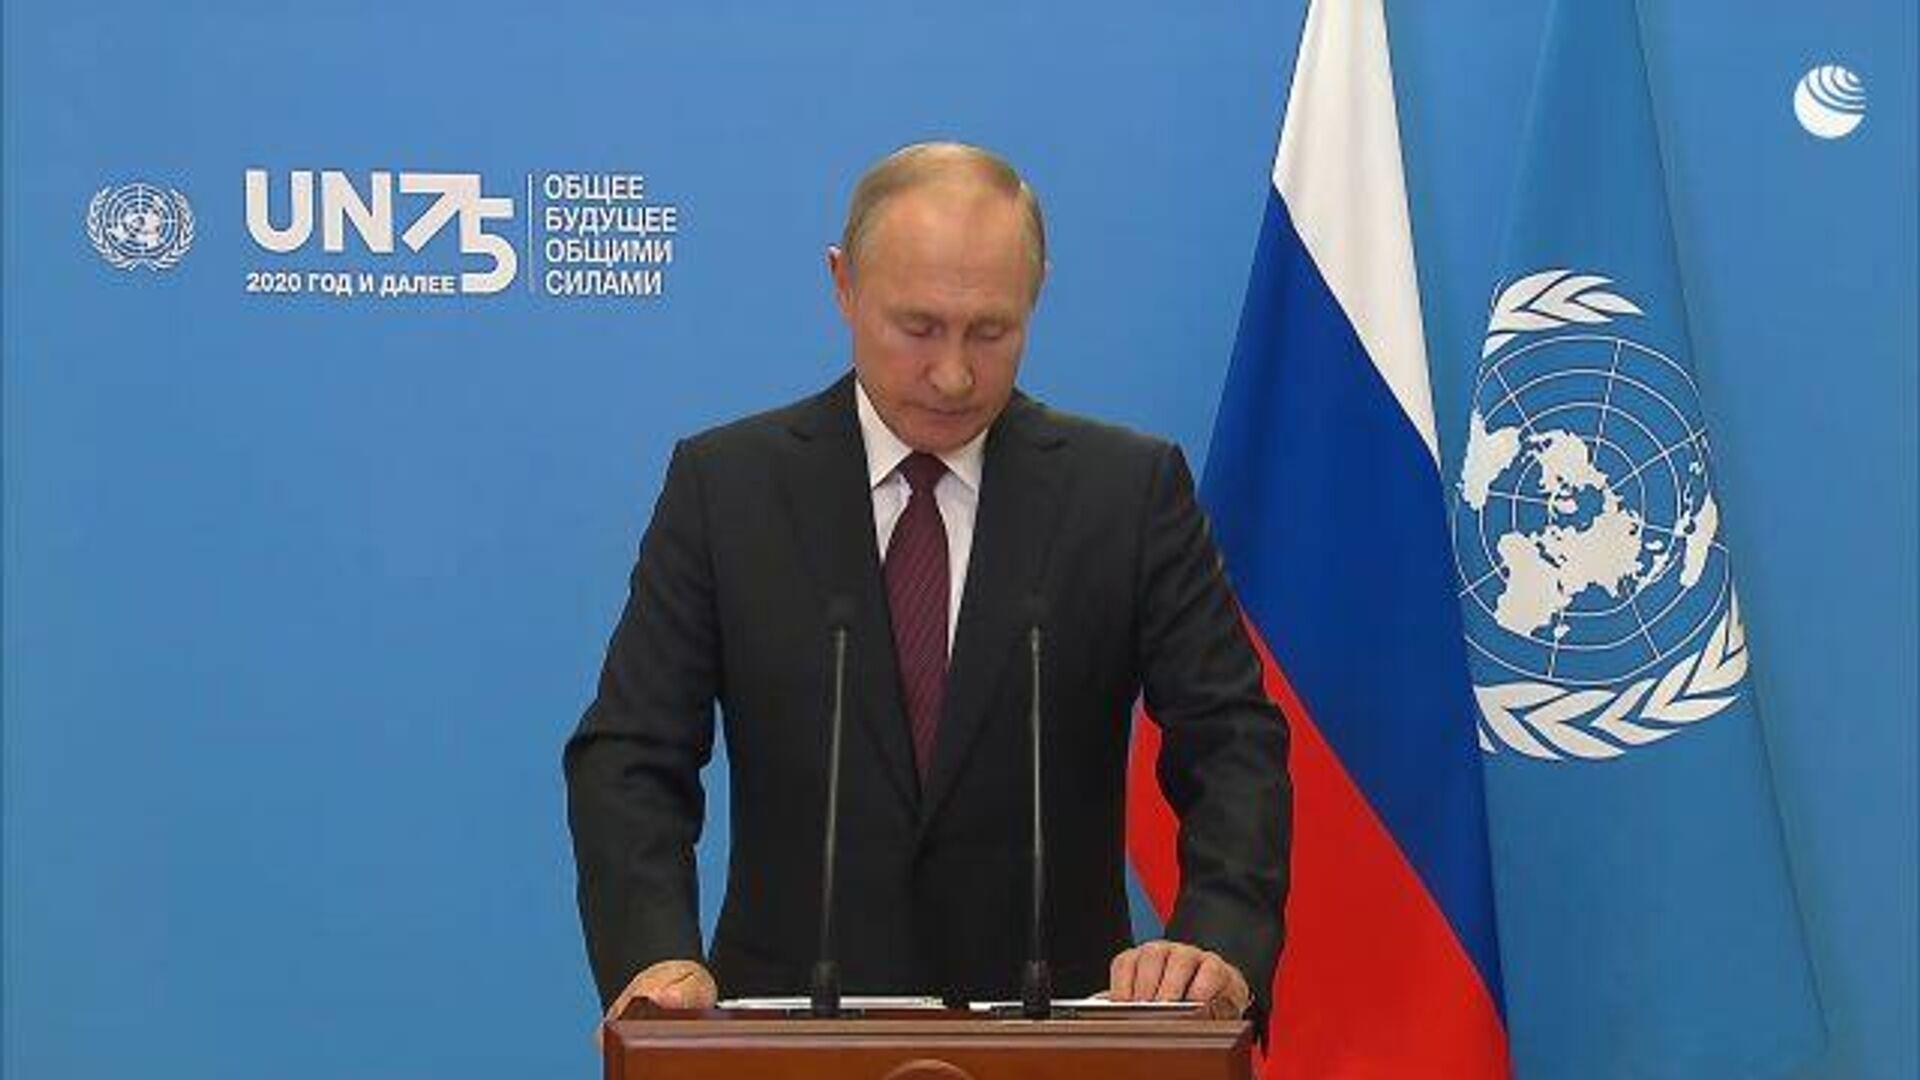 Путин призвал заключить соглашение о запрете на размещение оружия в космосе - РИА Новости, 1920, 22.09.2020